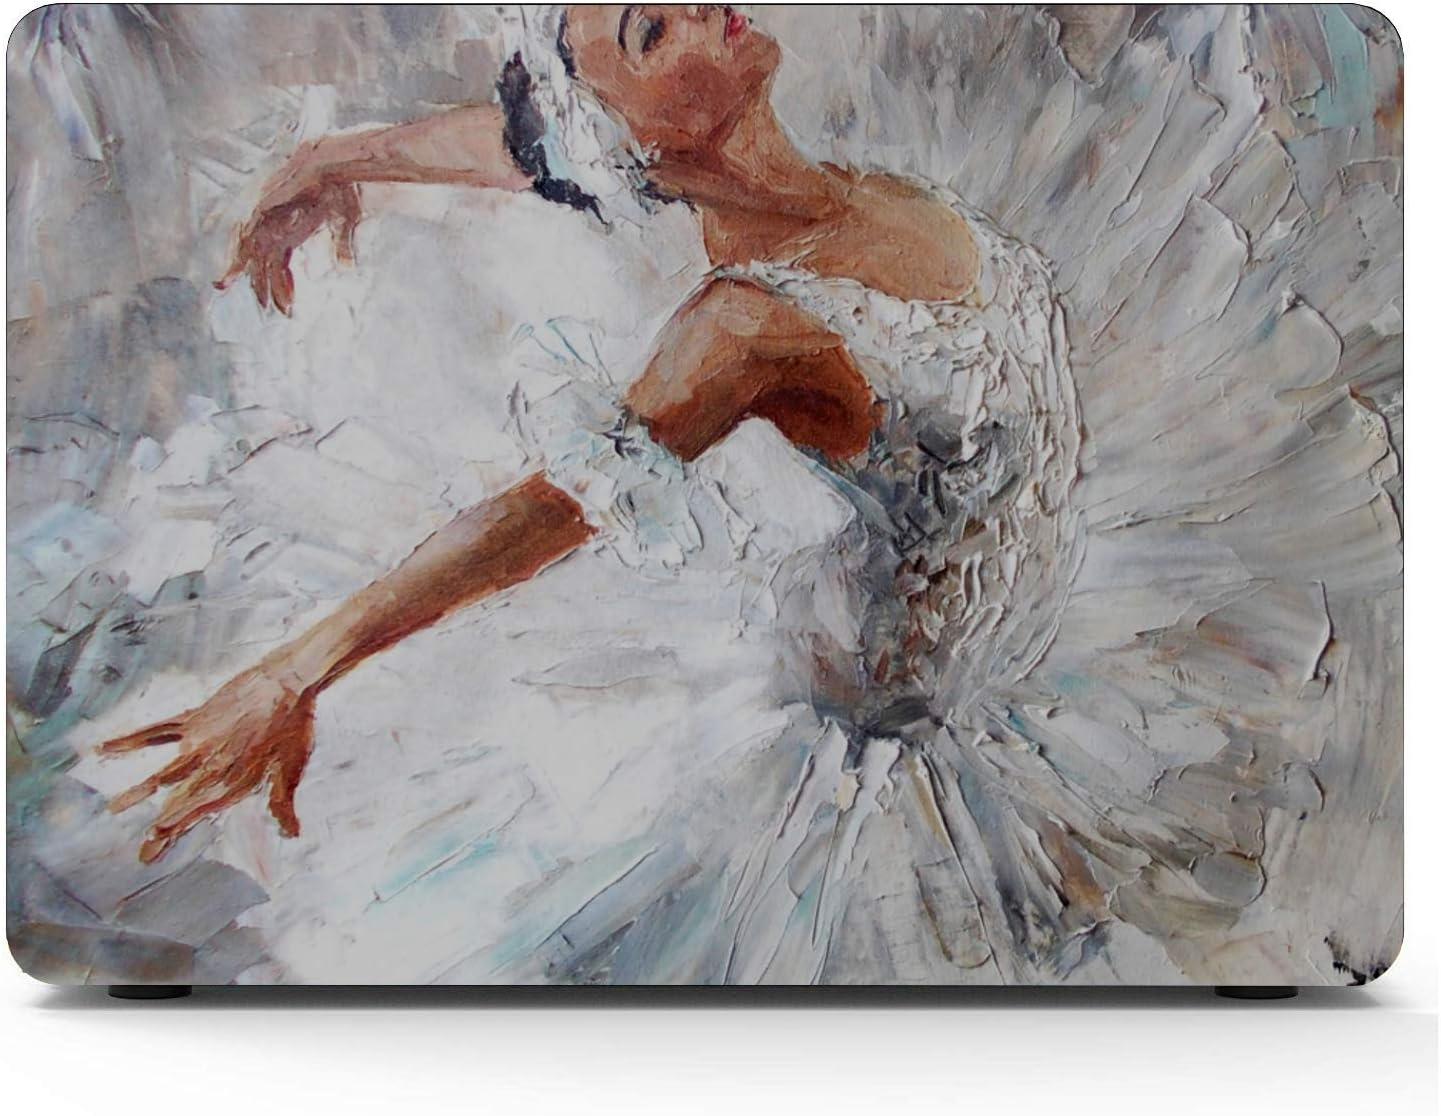 Bailarina Mujer Pintura al óleo Arte Baile Elegante Baile Macbook Air/Pro 11/12/13/15 Inch Estuche de plástico Estuche rígido Shell 13 Inch Macbook Estuche para computadora portátil Mac Macbook Pro: Amazon.es: Electrónica